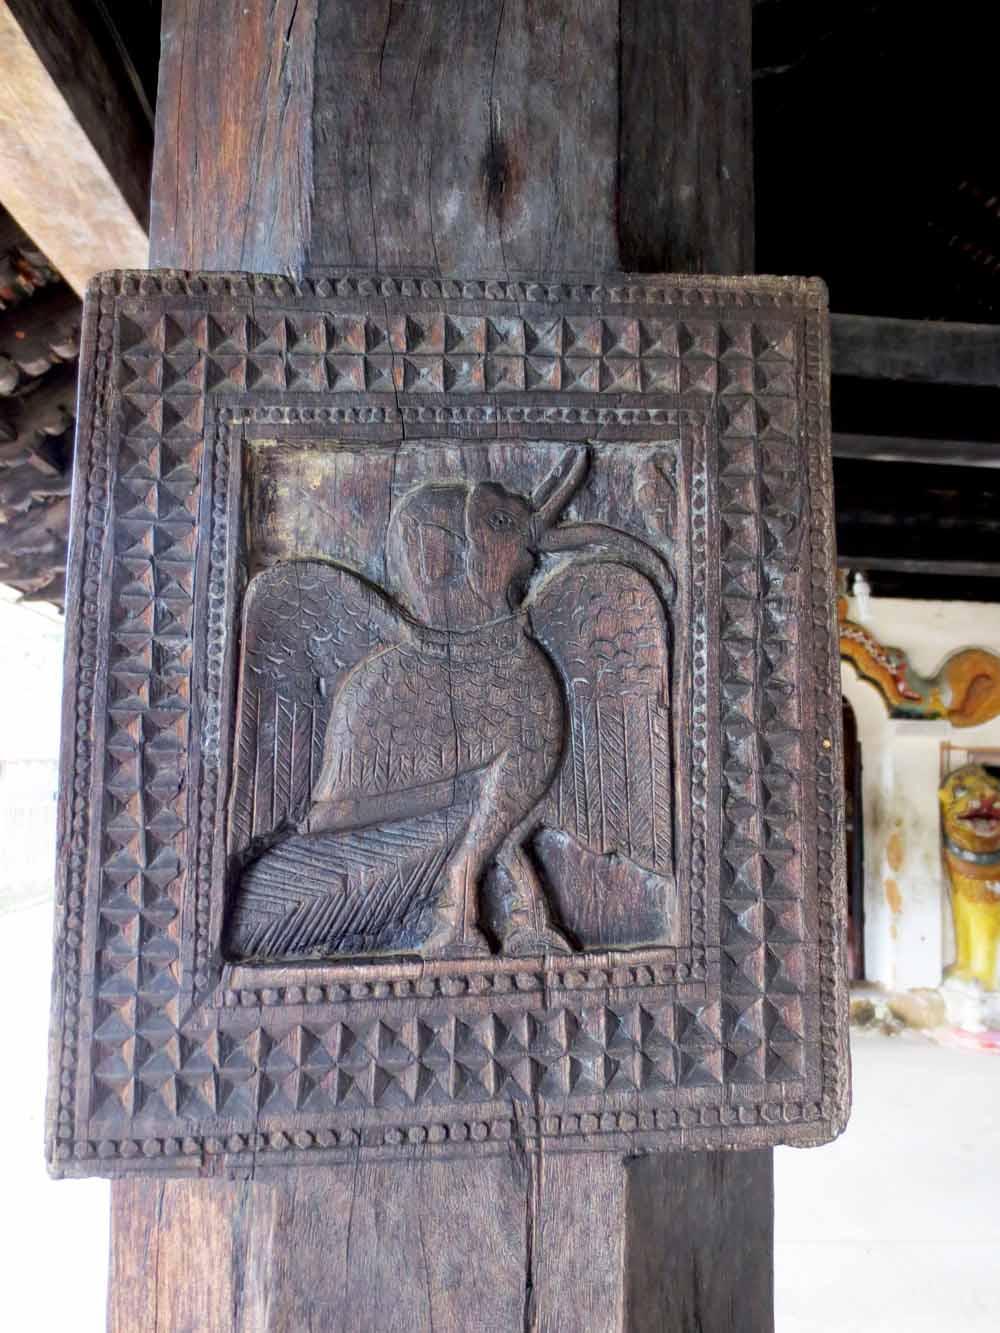 Embakke Devalaya wooden carvings12